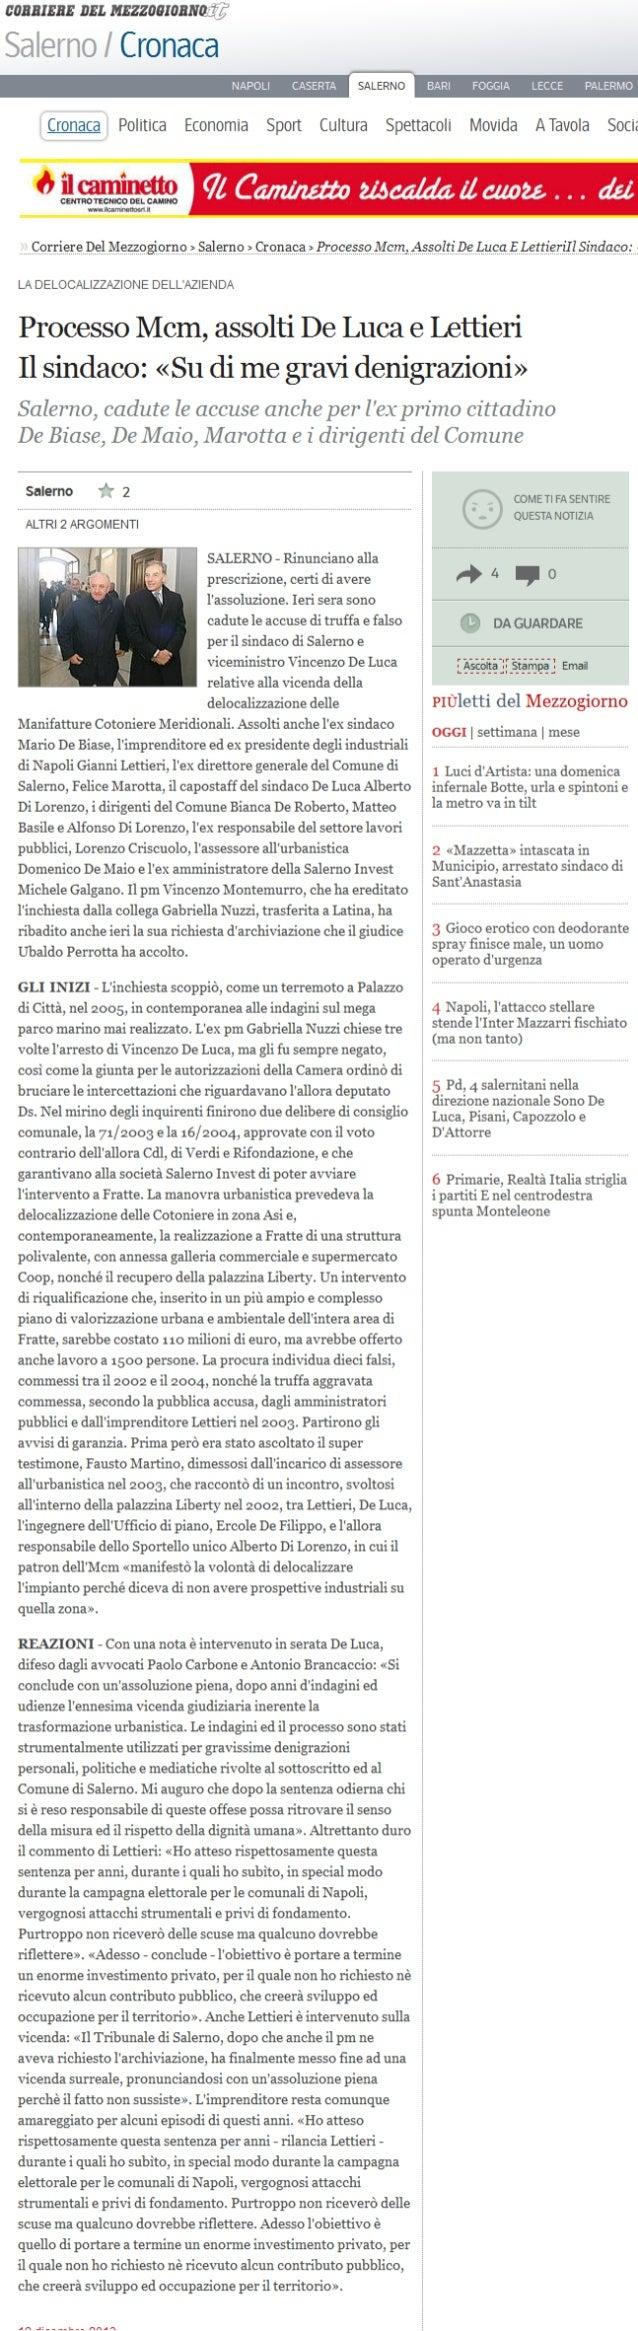 Gianni Lettieri assolto caso mcm